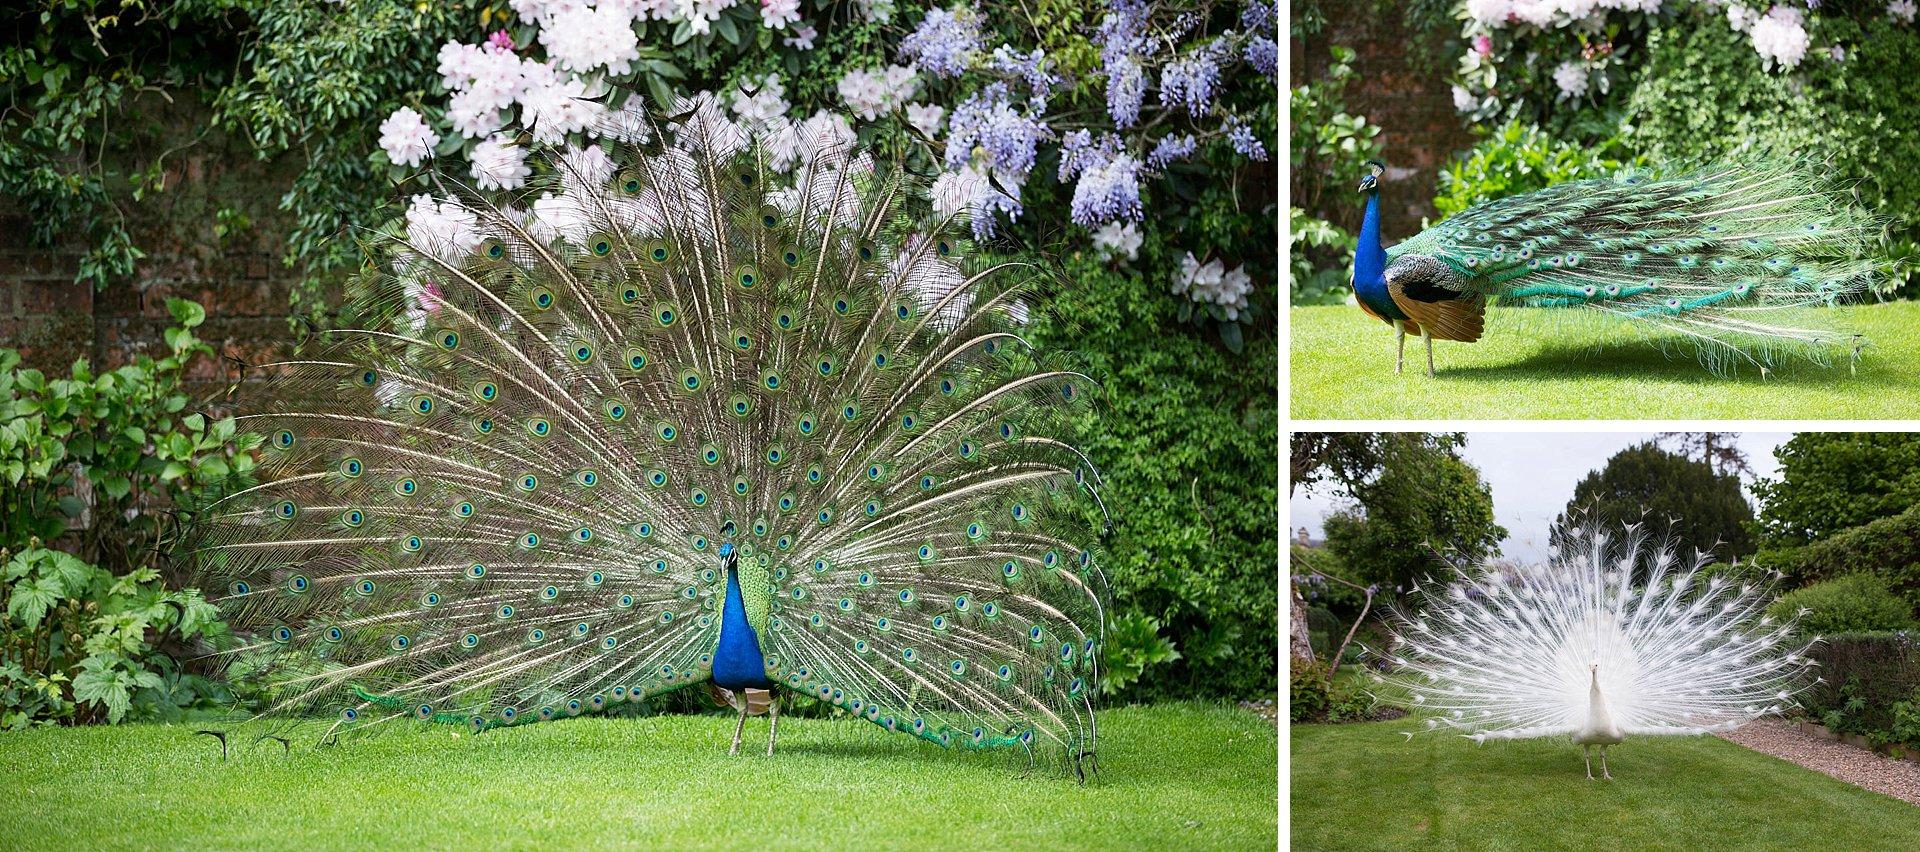 Peacocks at Northbrook Park